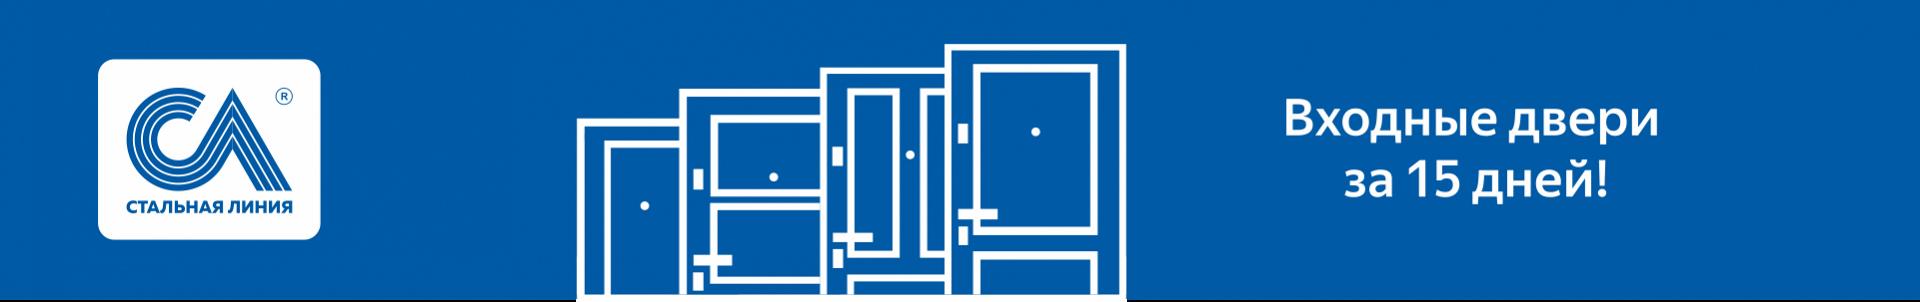 Входные двери: 15 дней от заказа до установки